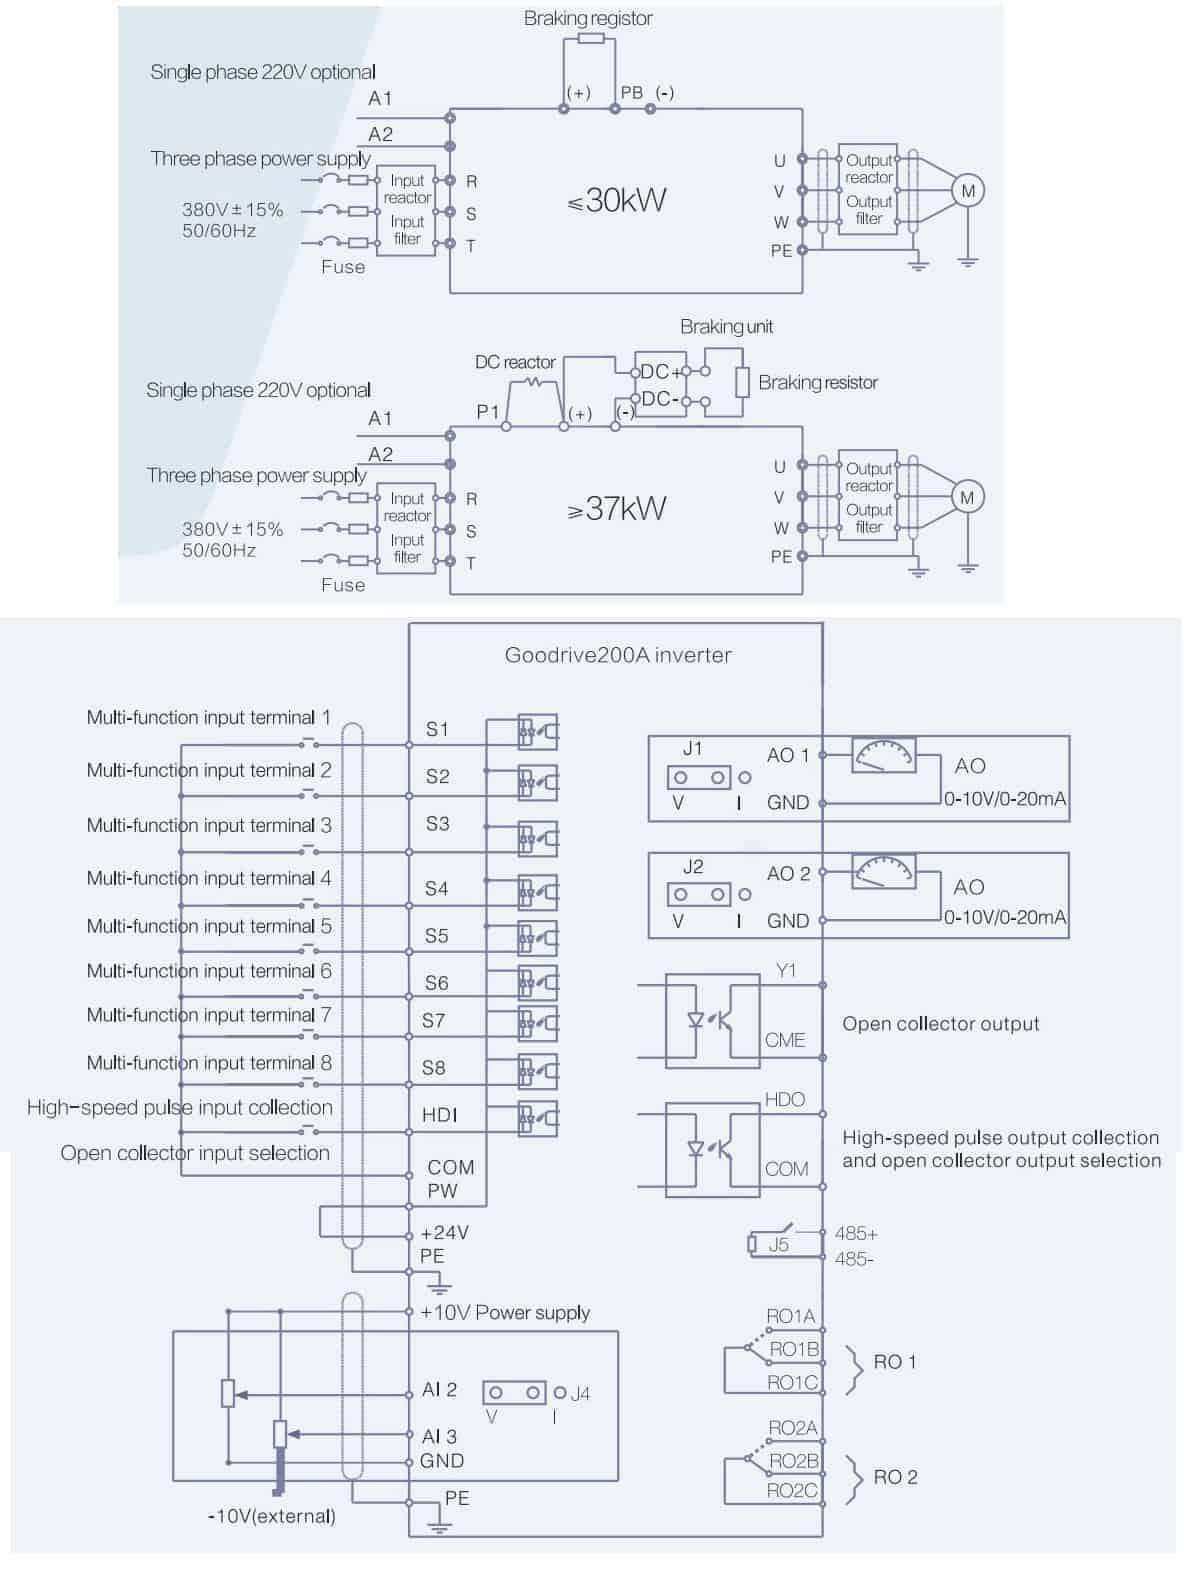 sơ đồ đấu dây biến tần INVT GD200A